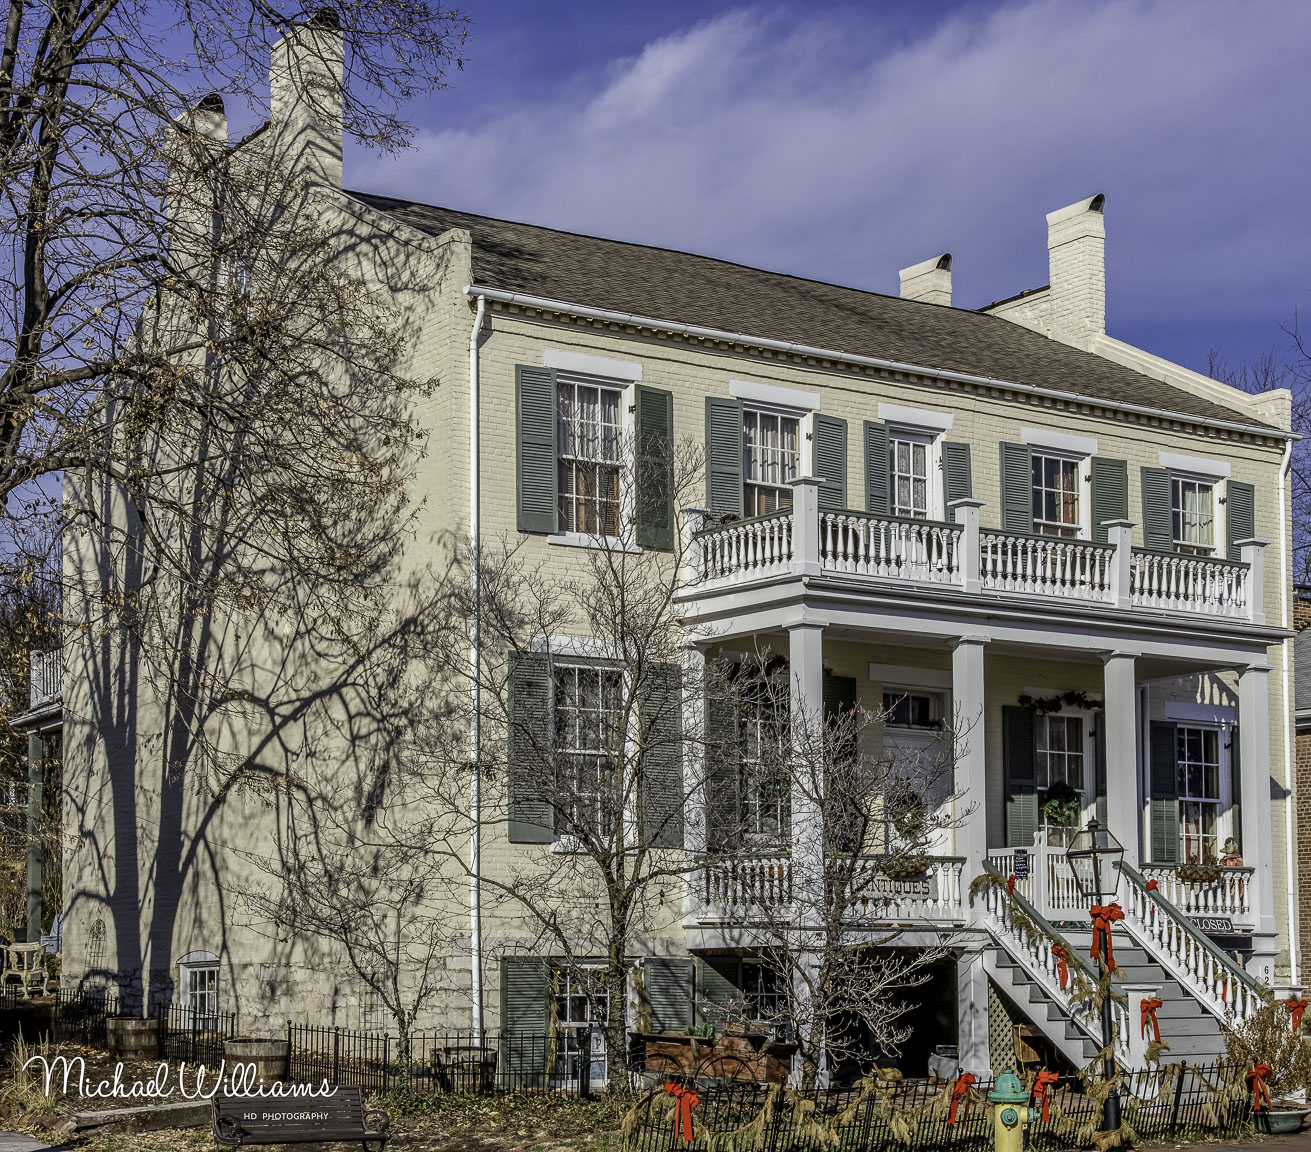 Historic St Charles, MO